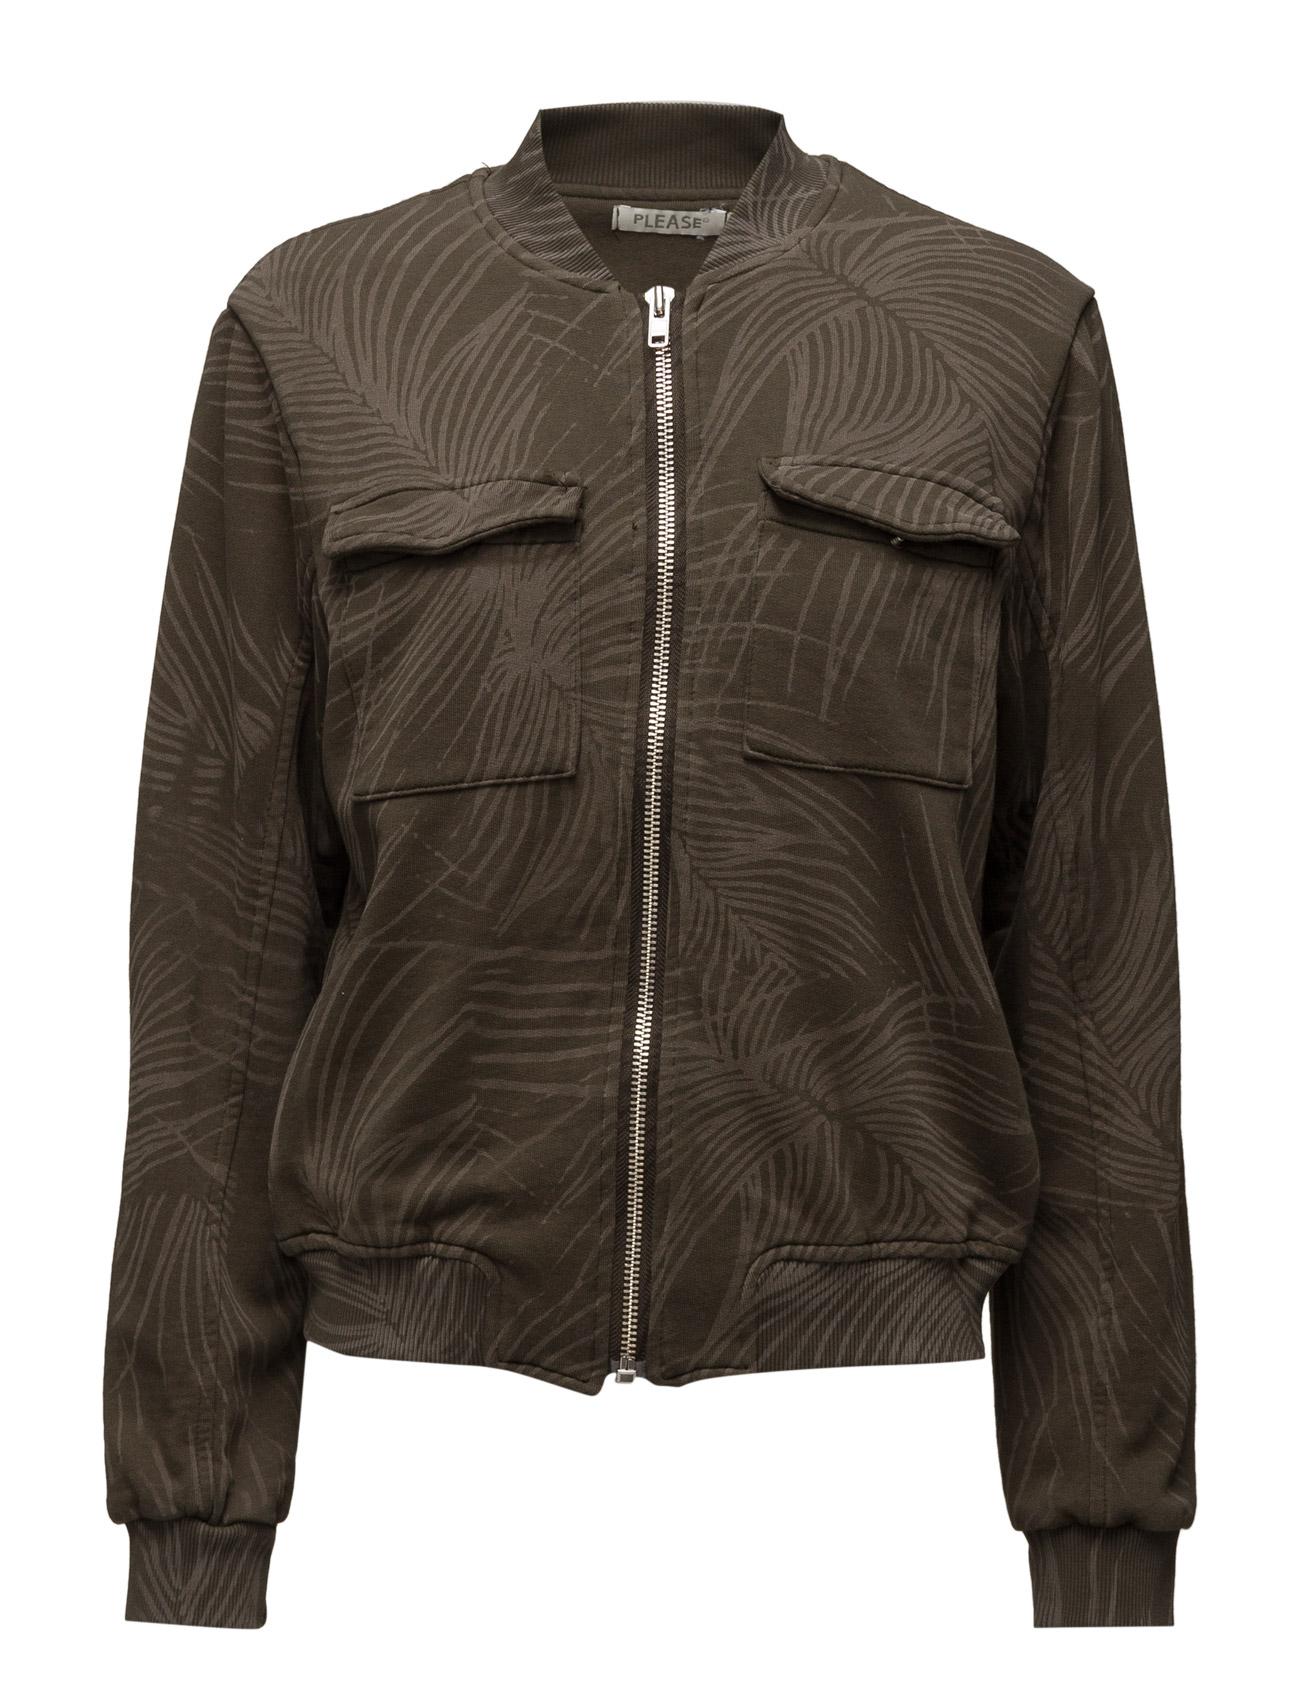 Sweat Jacket Militare Please Jeans  til Damer i